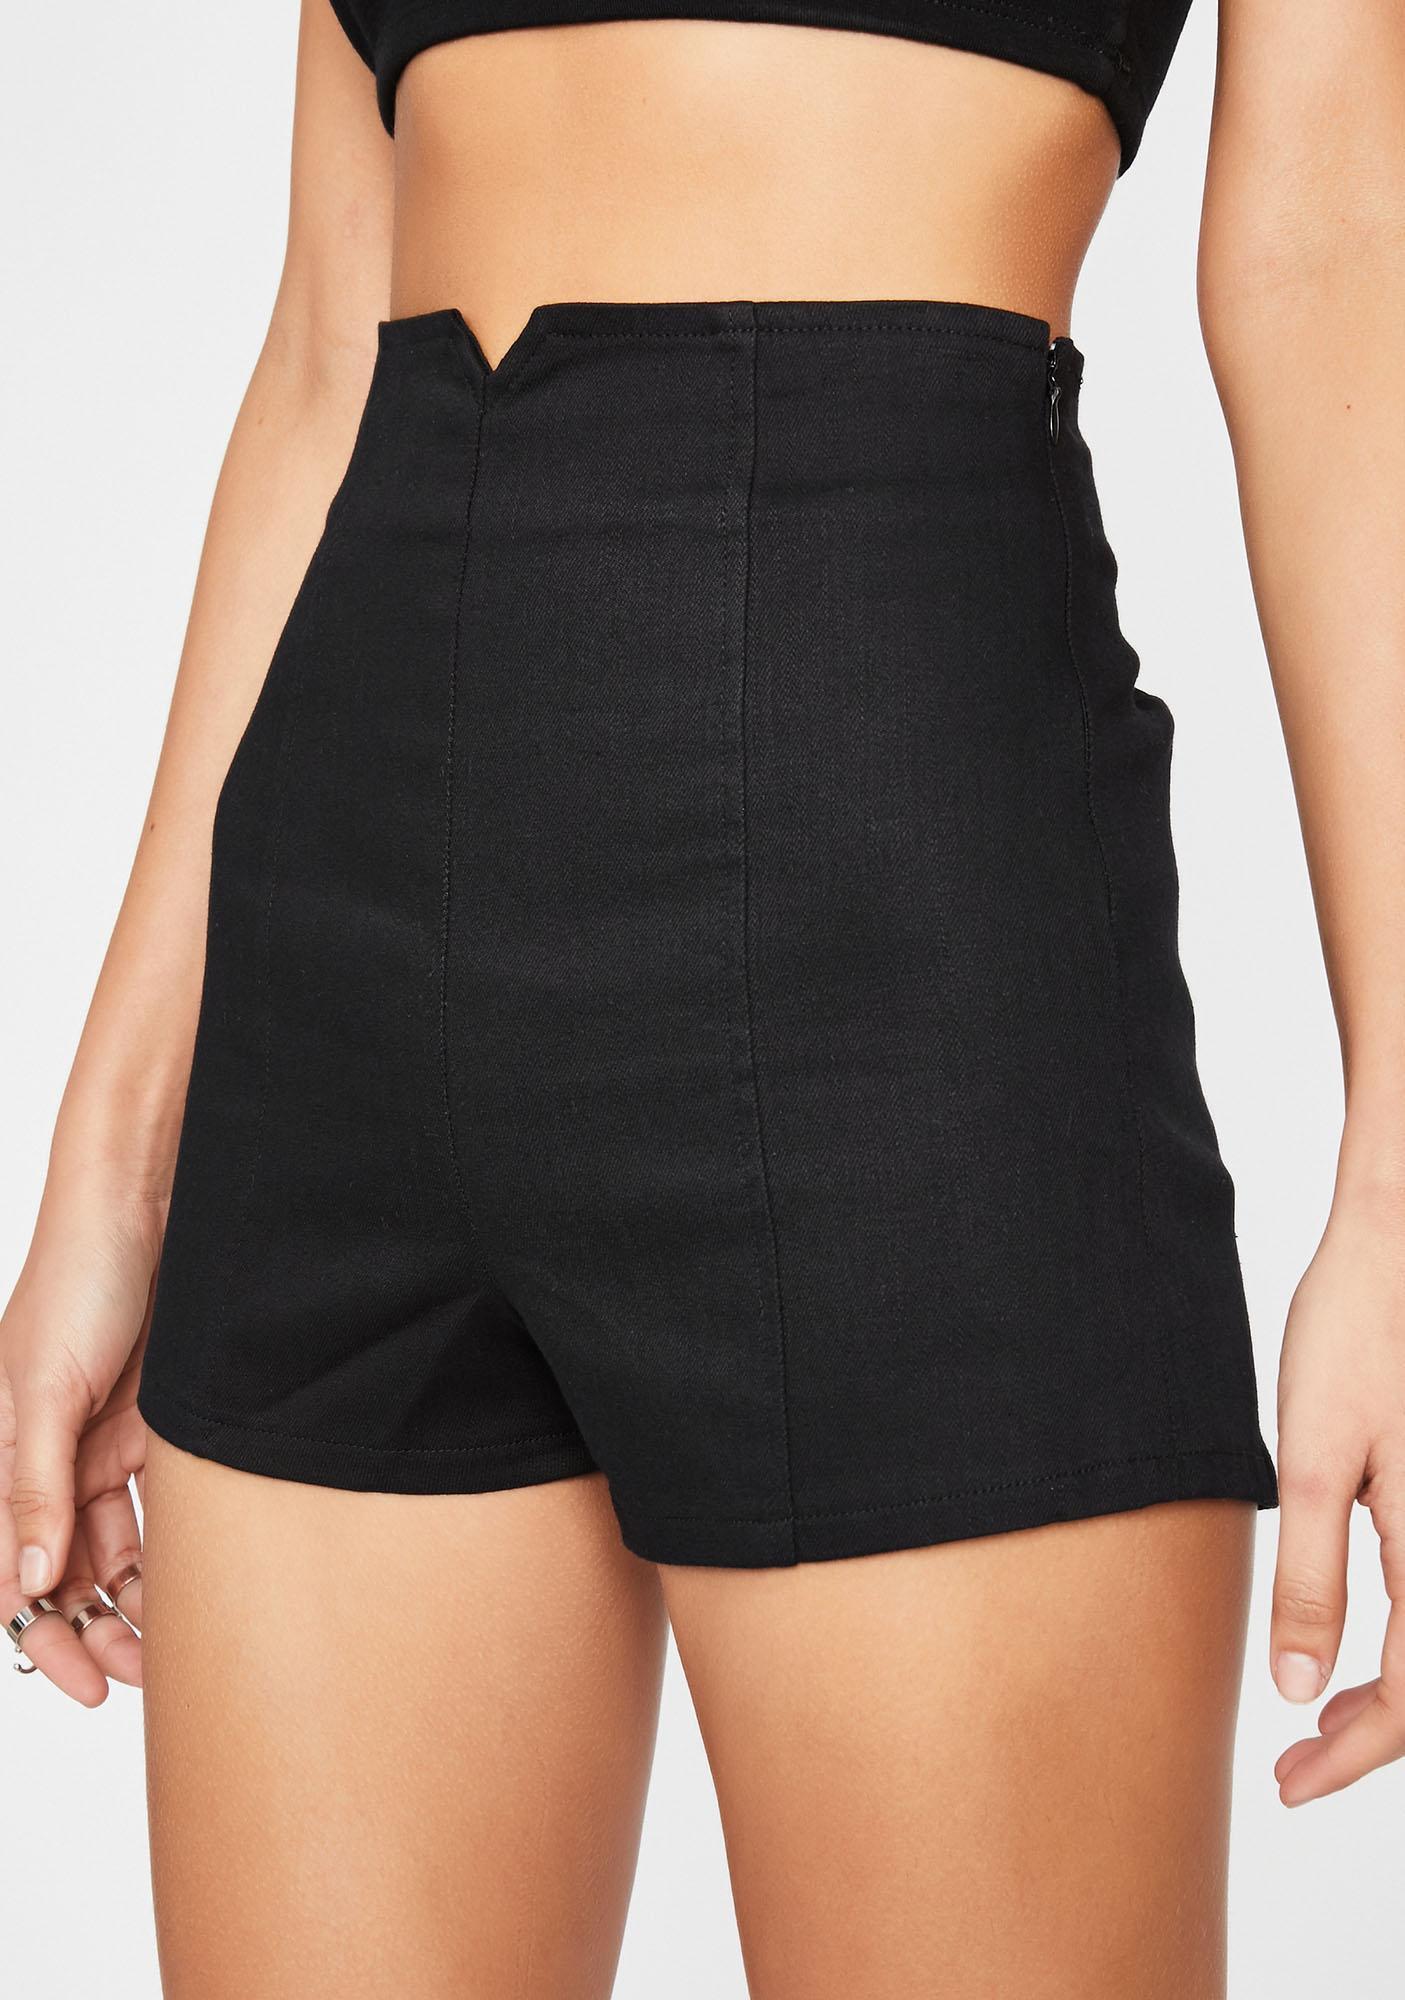 Get Busy Bish High Waist Shorts